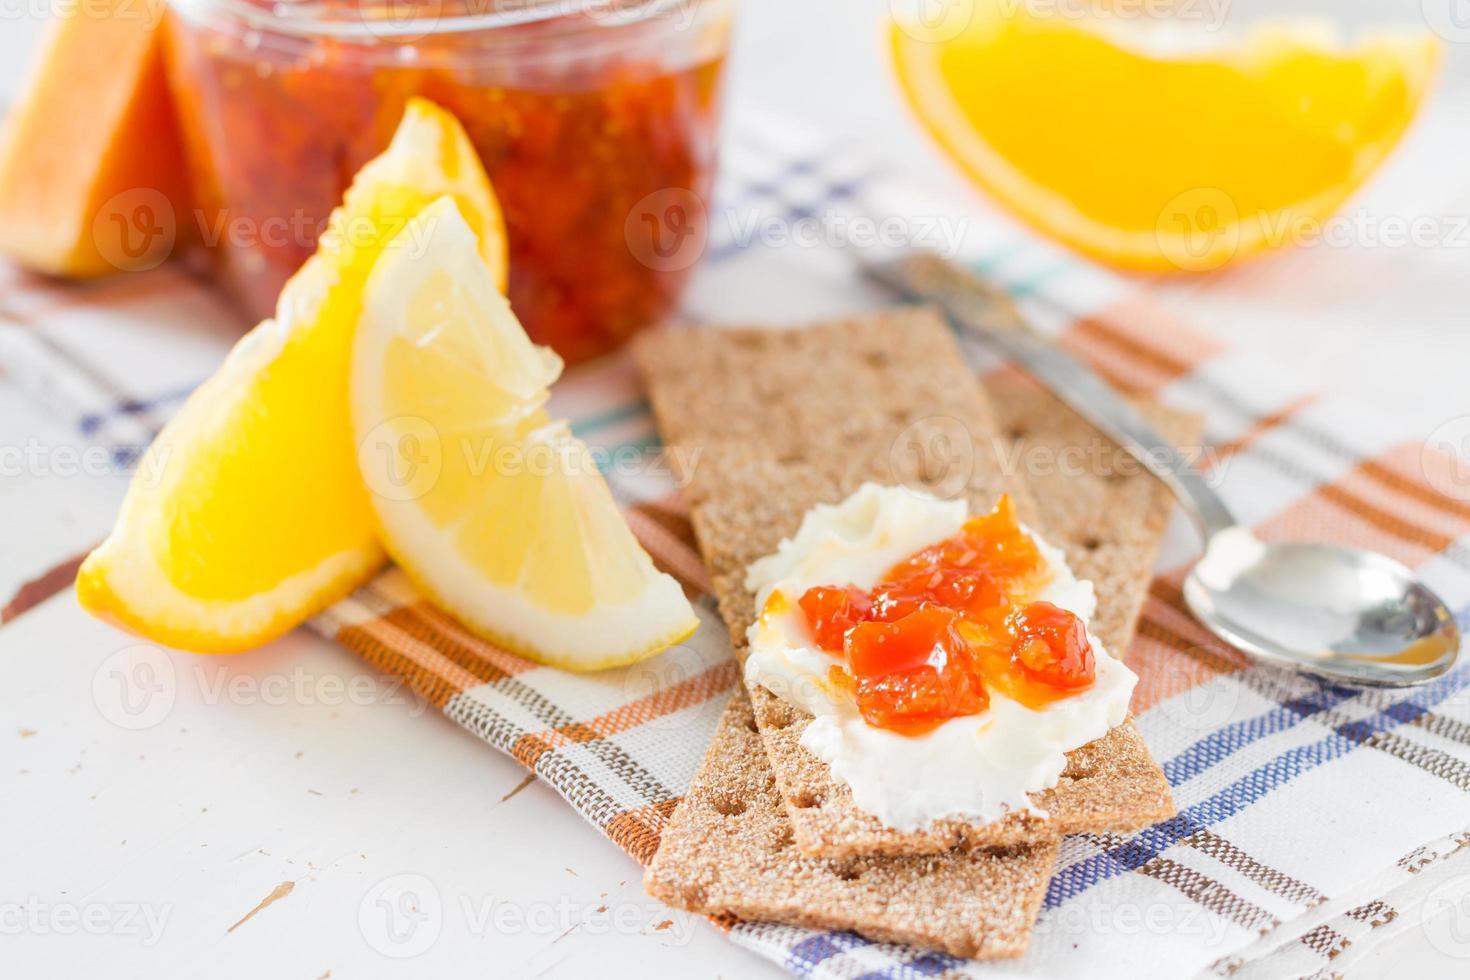 marmellata in barattolo di vetro con ingredienti con pane croccante foto